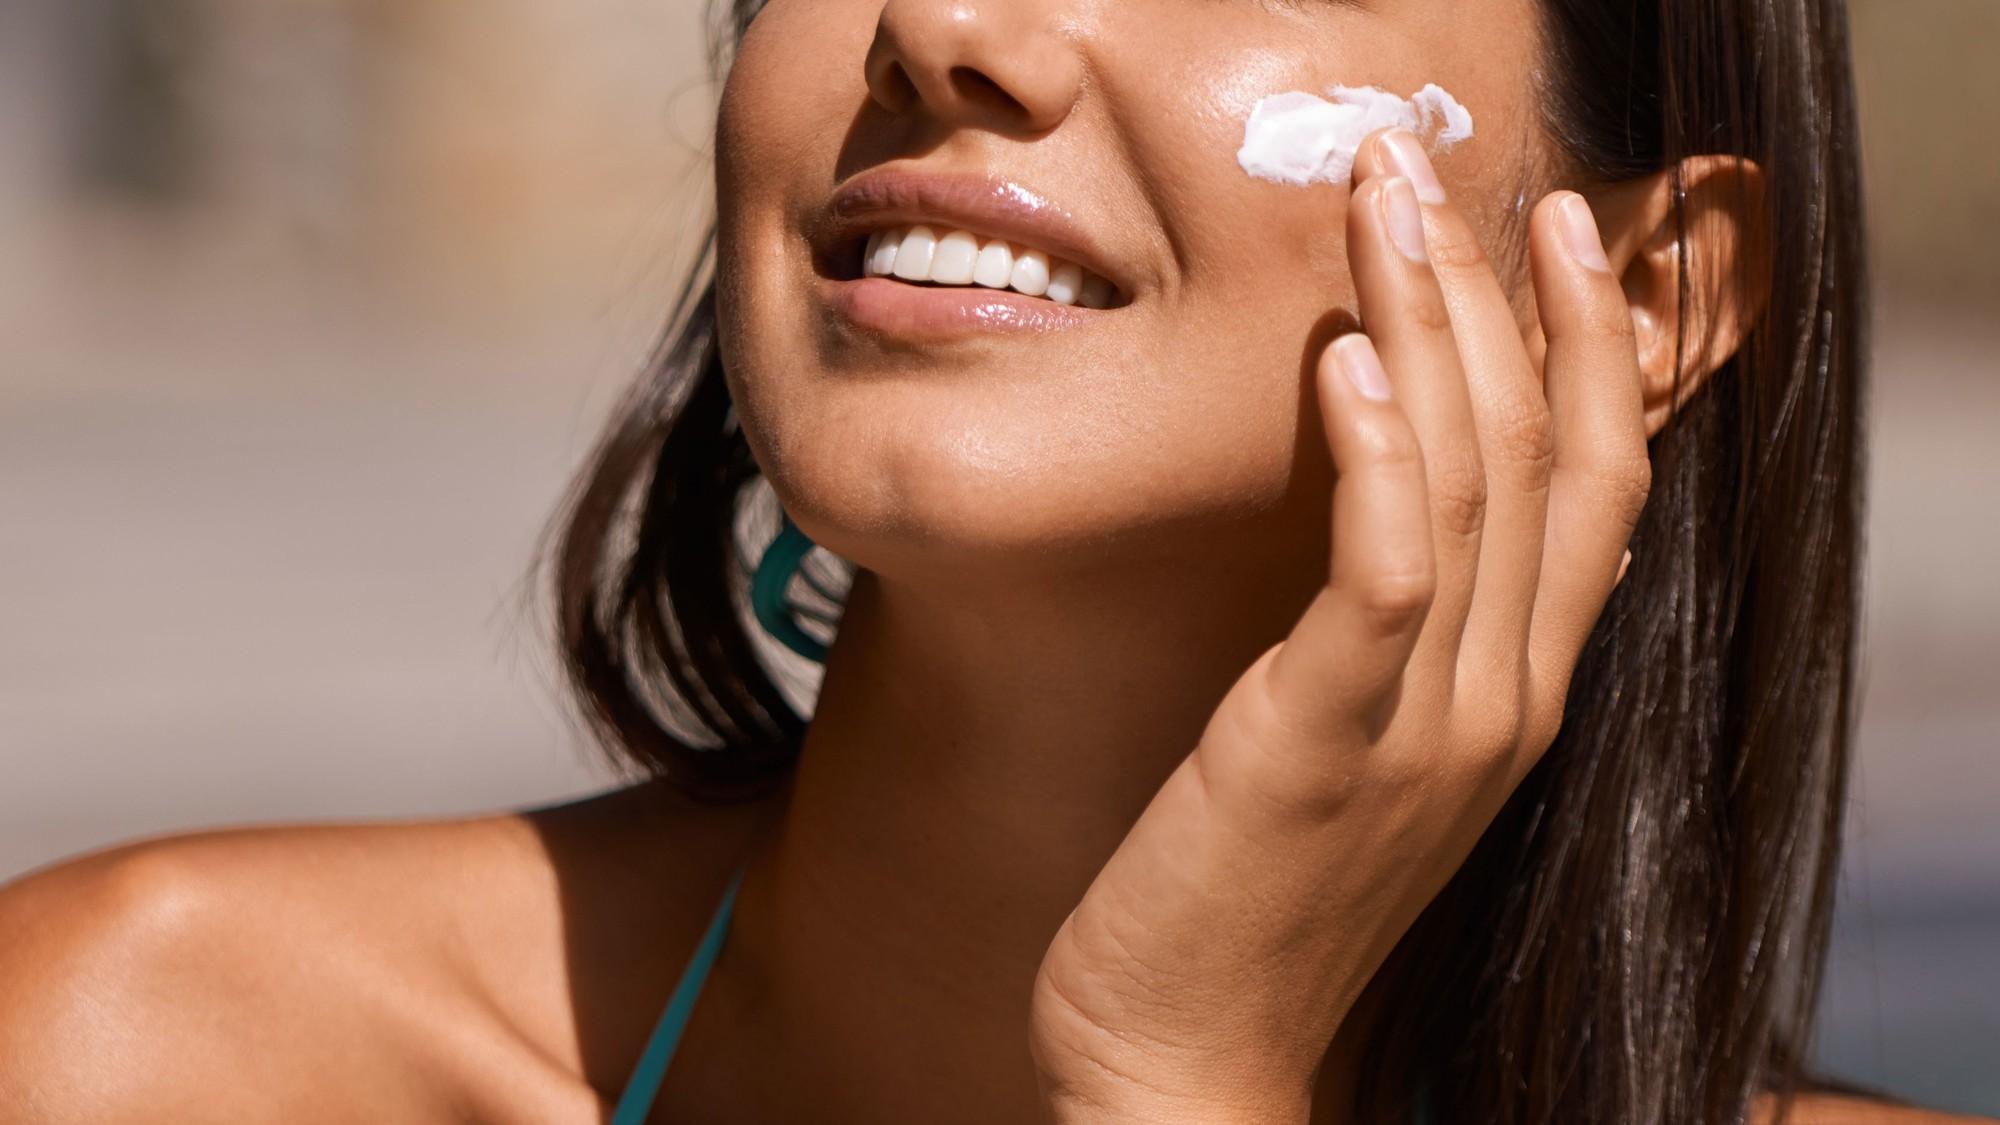 Chuyên gia cảnh báo hóa chất trong kem chống nắng có thể hấp thụ vào máu